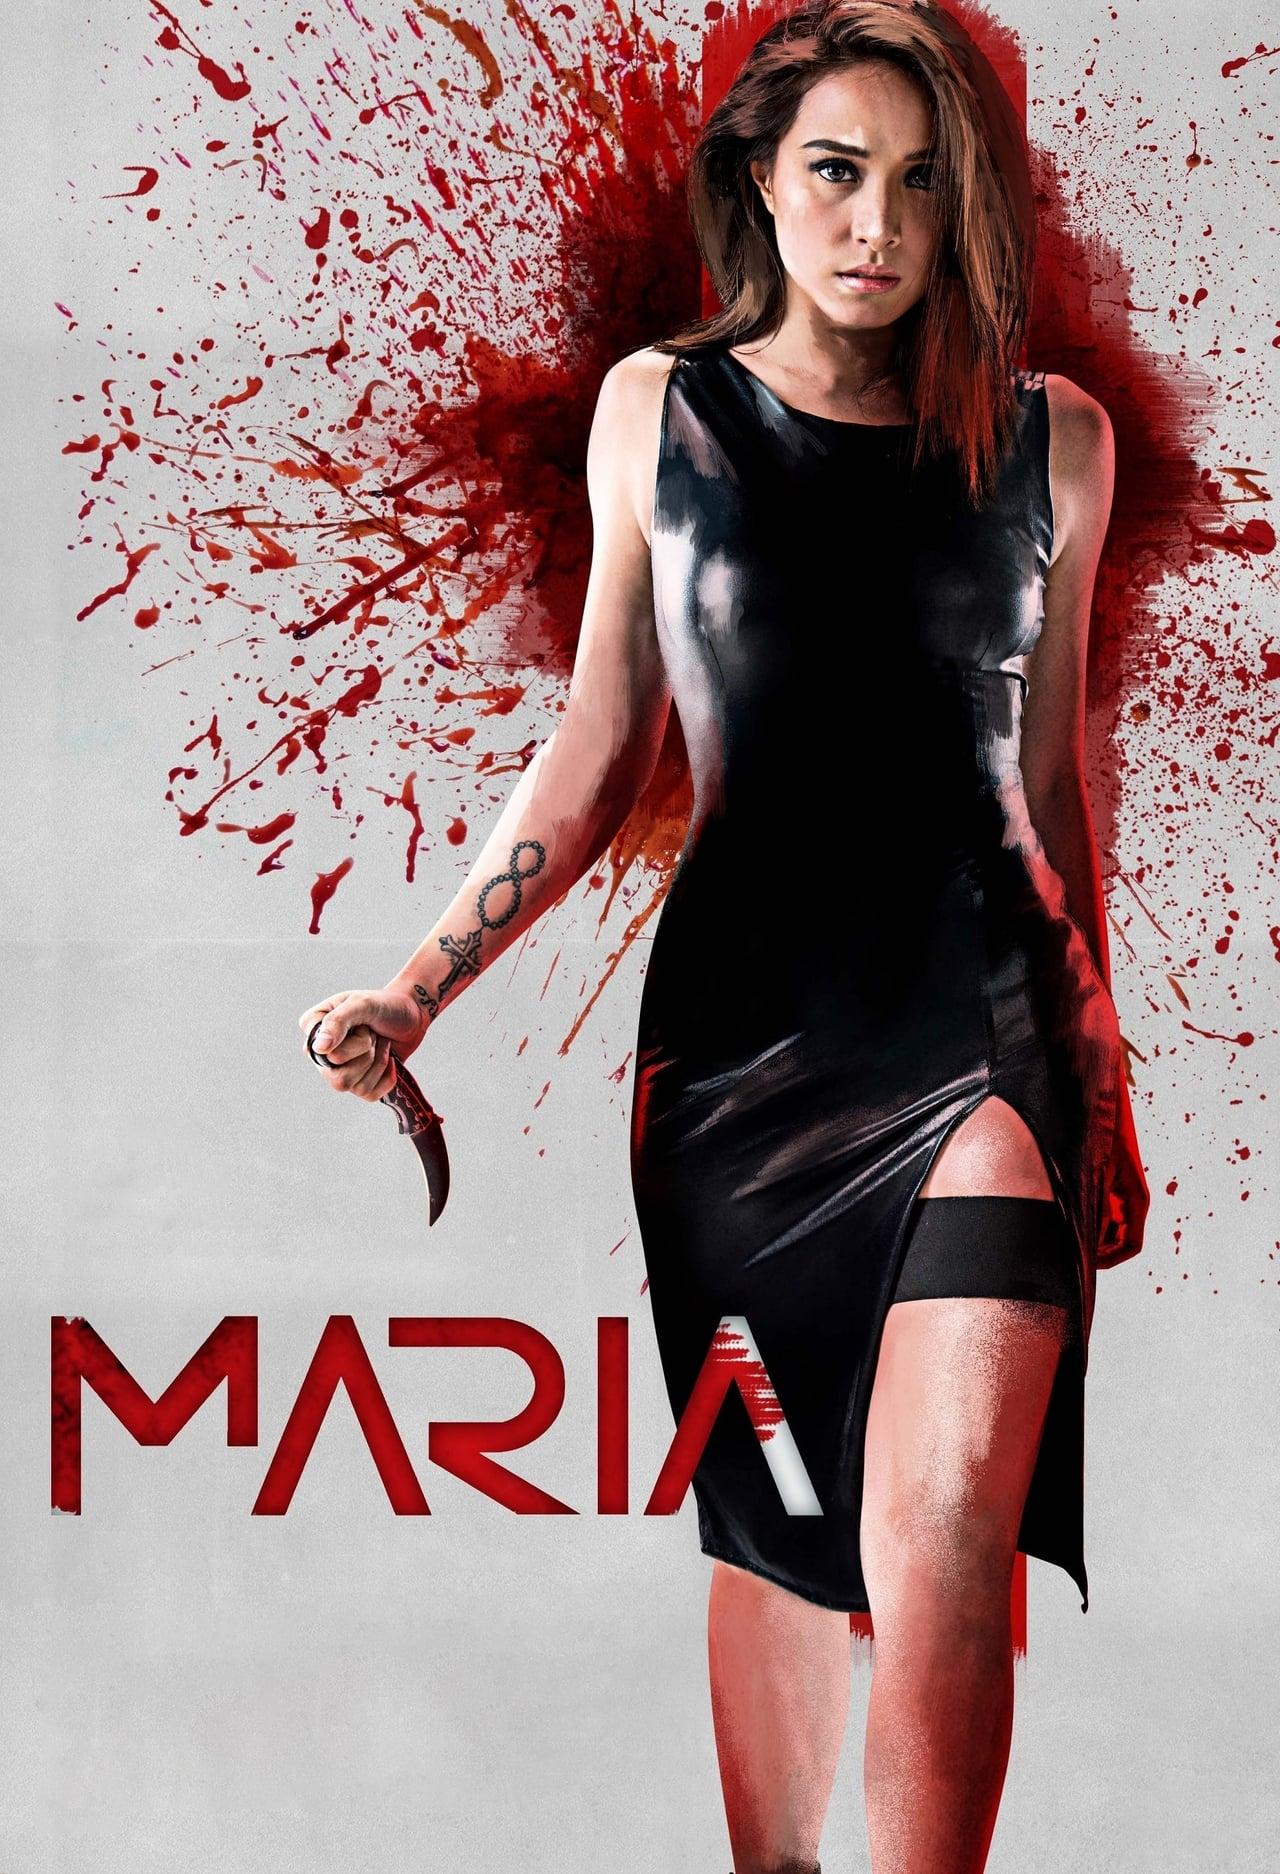 Maria image